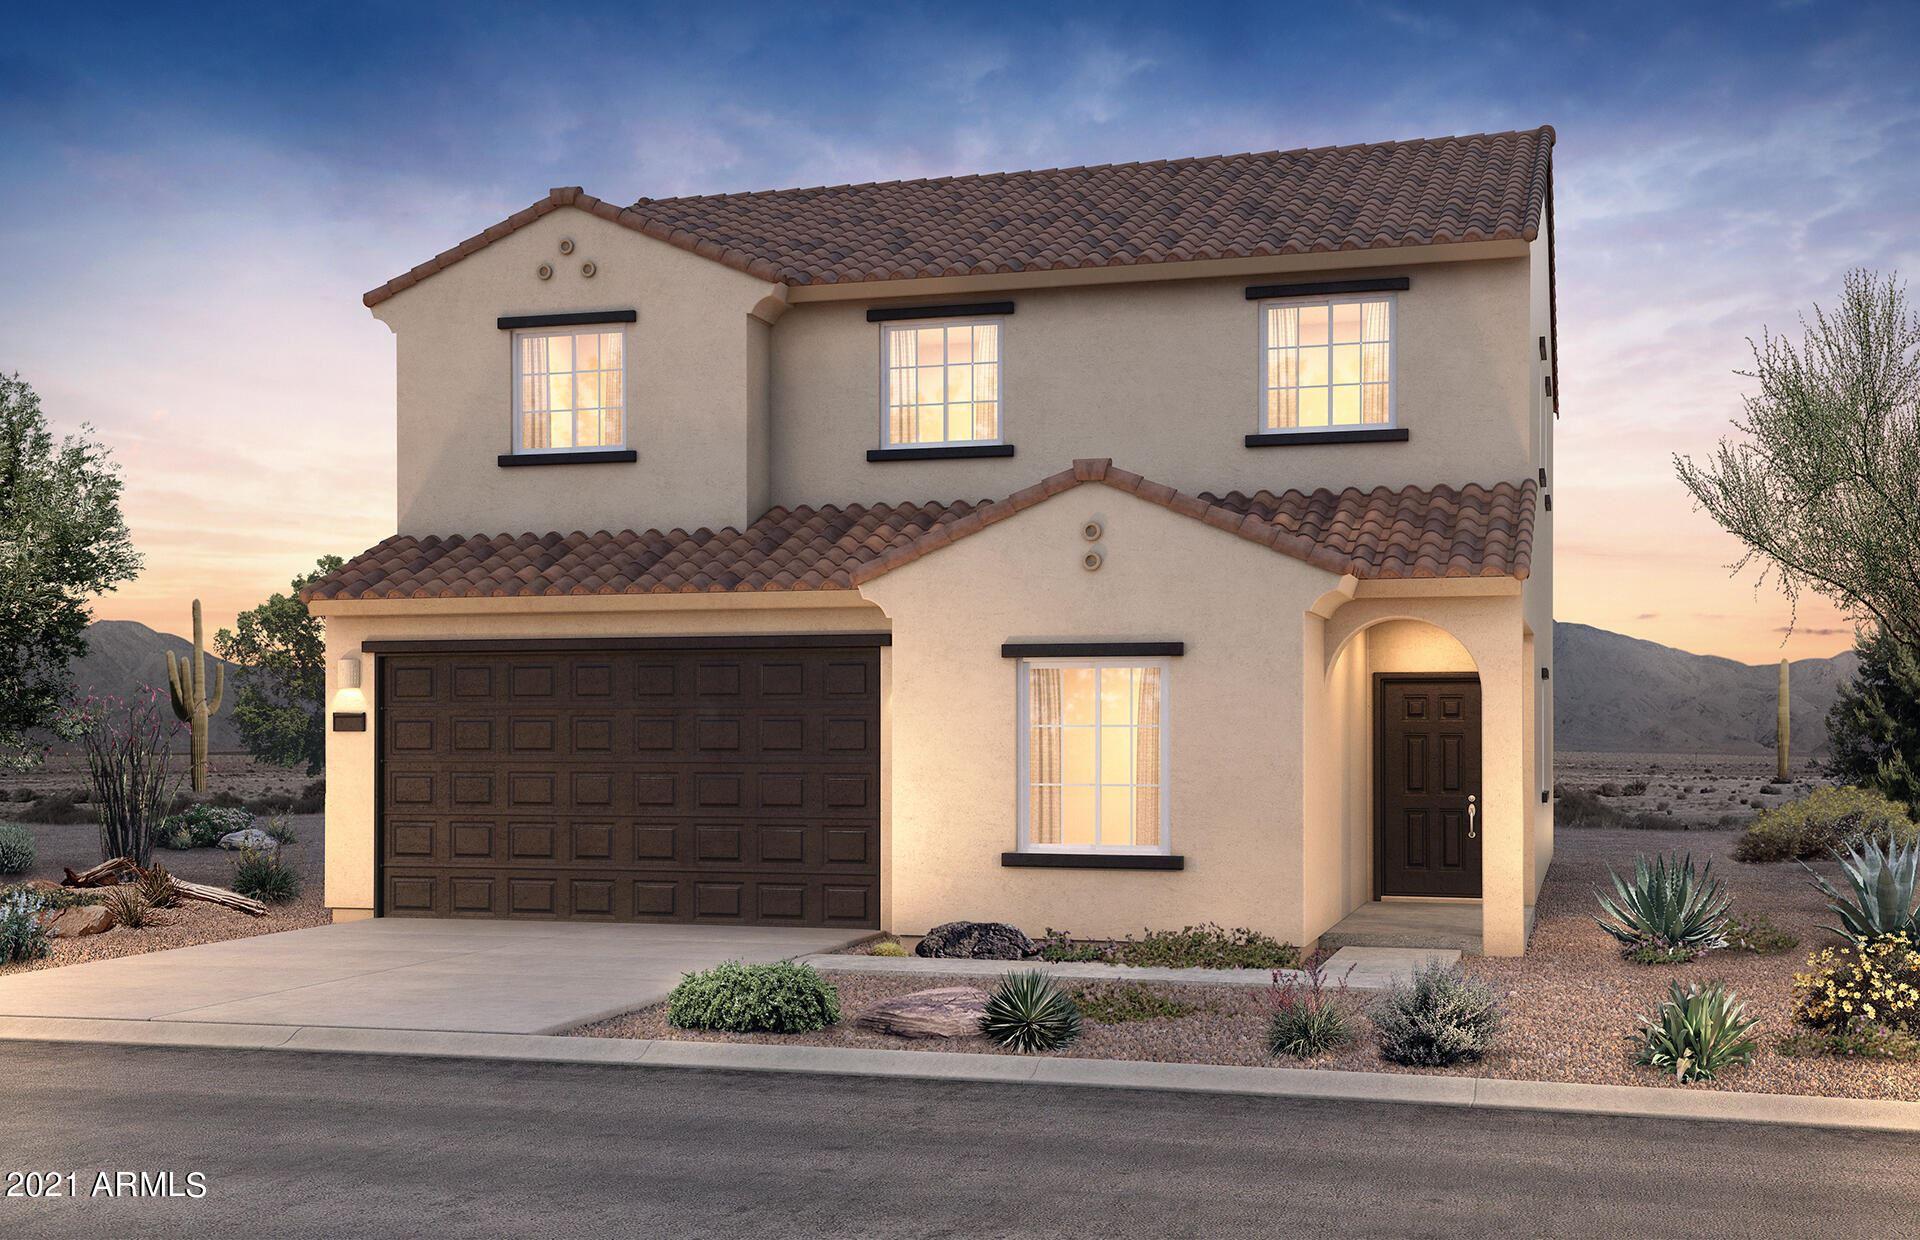 Photo for 18566 N DESERT WILLOW Drive, Maricopa, AZ 85138 (MLS # 6290471)